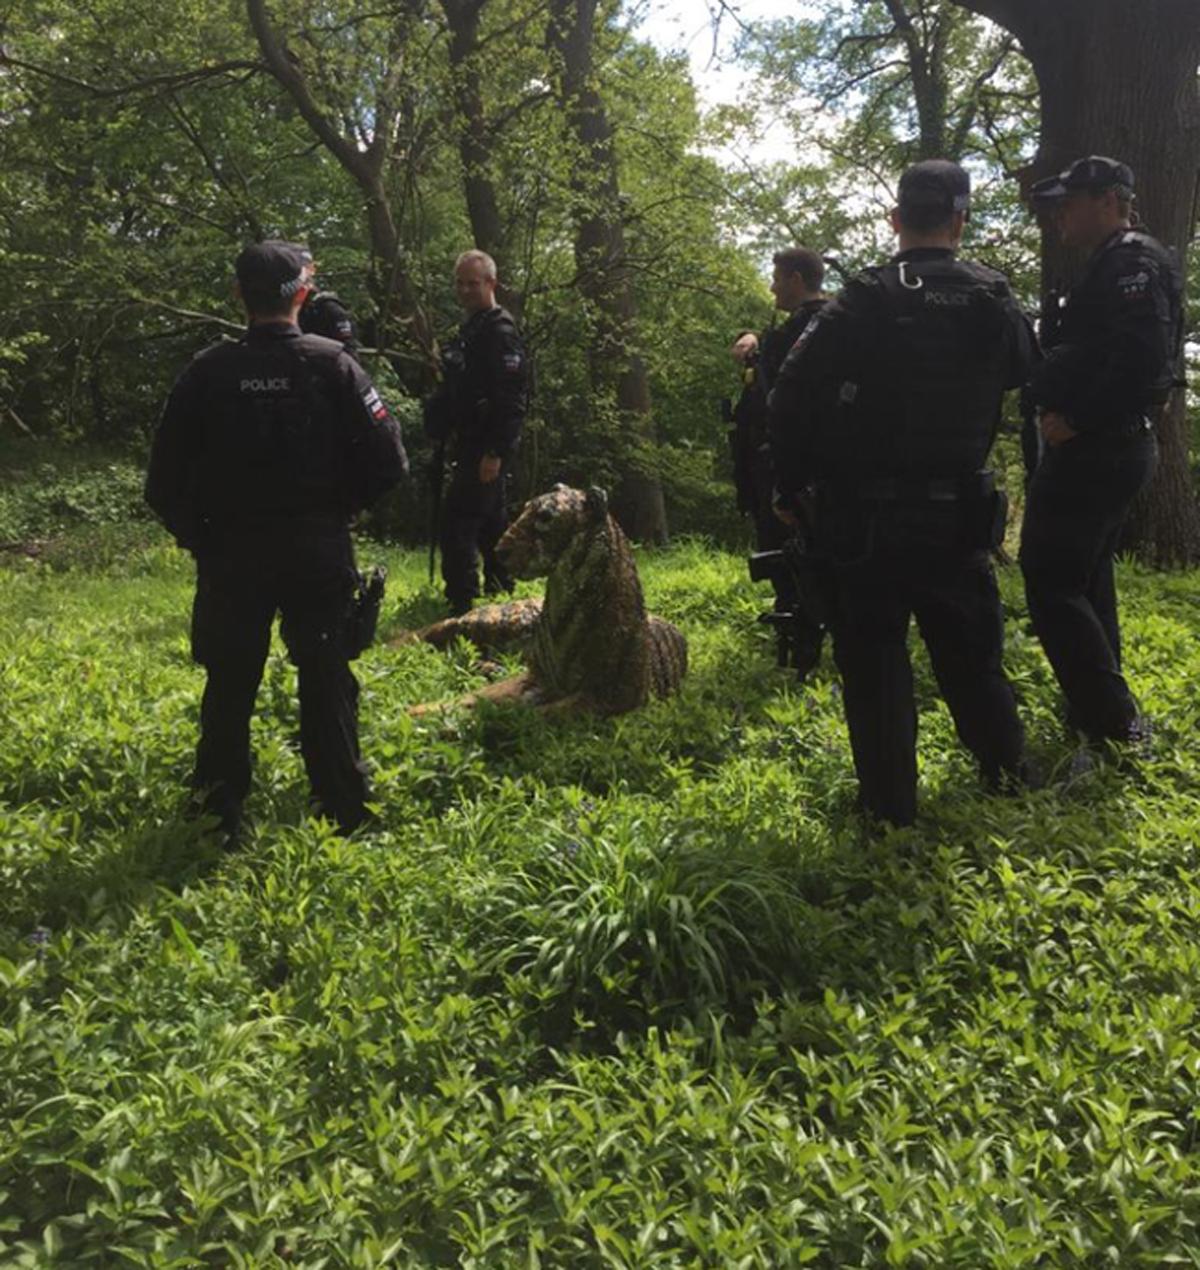 Lực lượng cảnh sát cùng trực thăng đã tóm được con hổ.